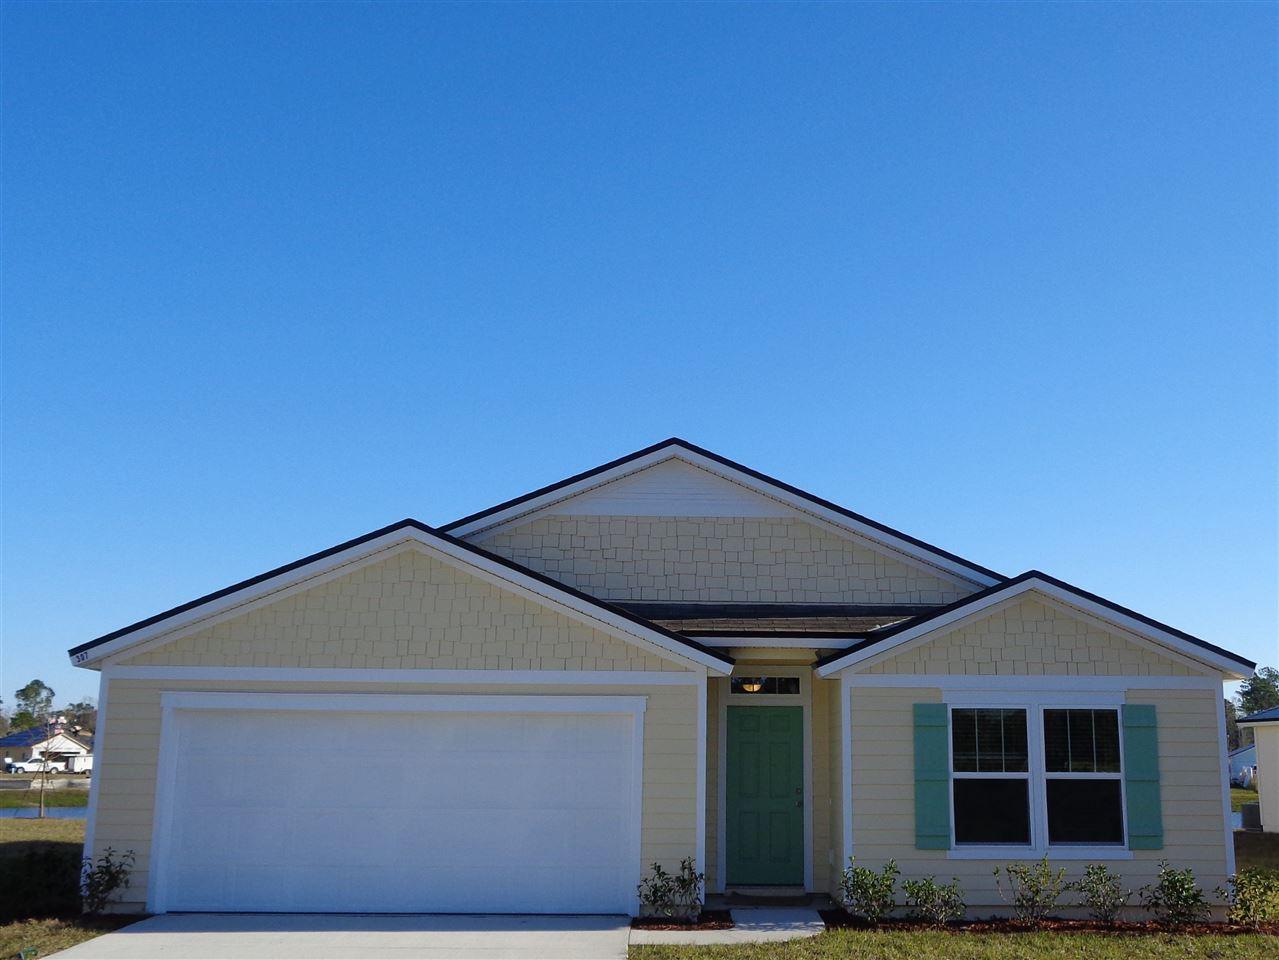 307 GREEN PALM COURT, ST AUGUSTINE, FL 32086